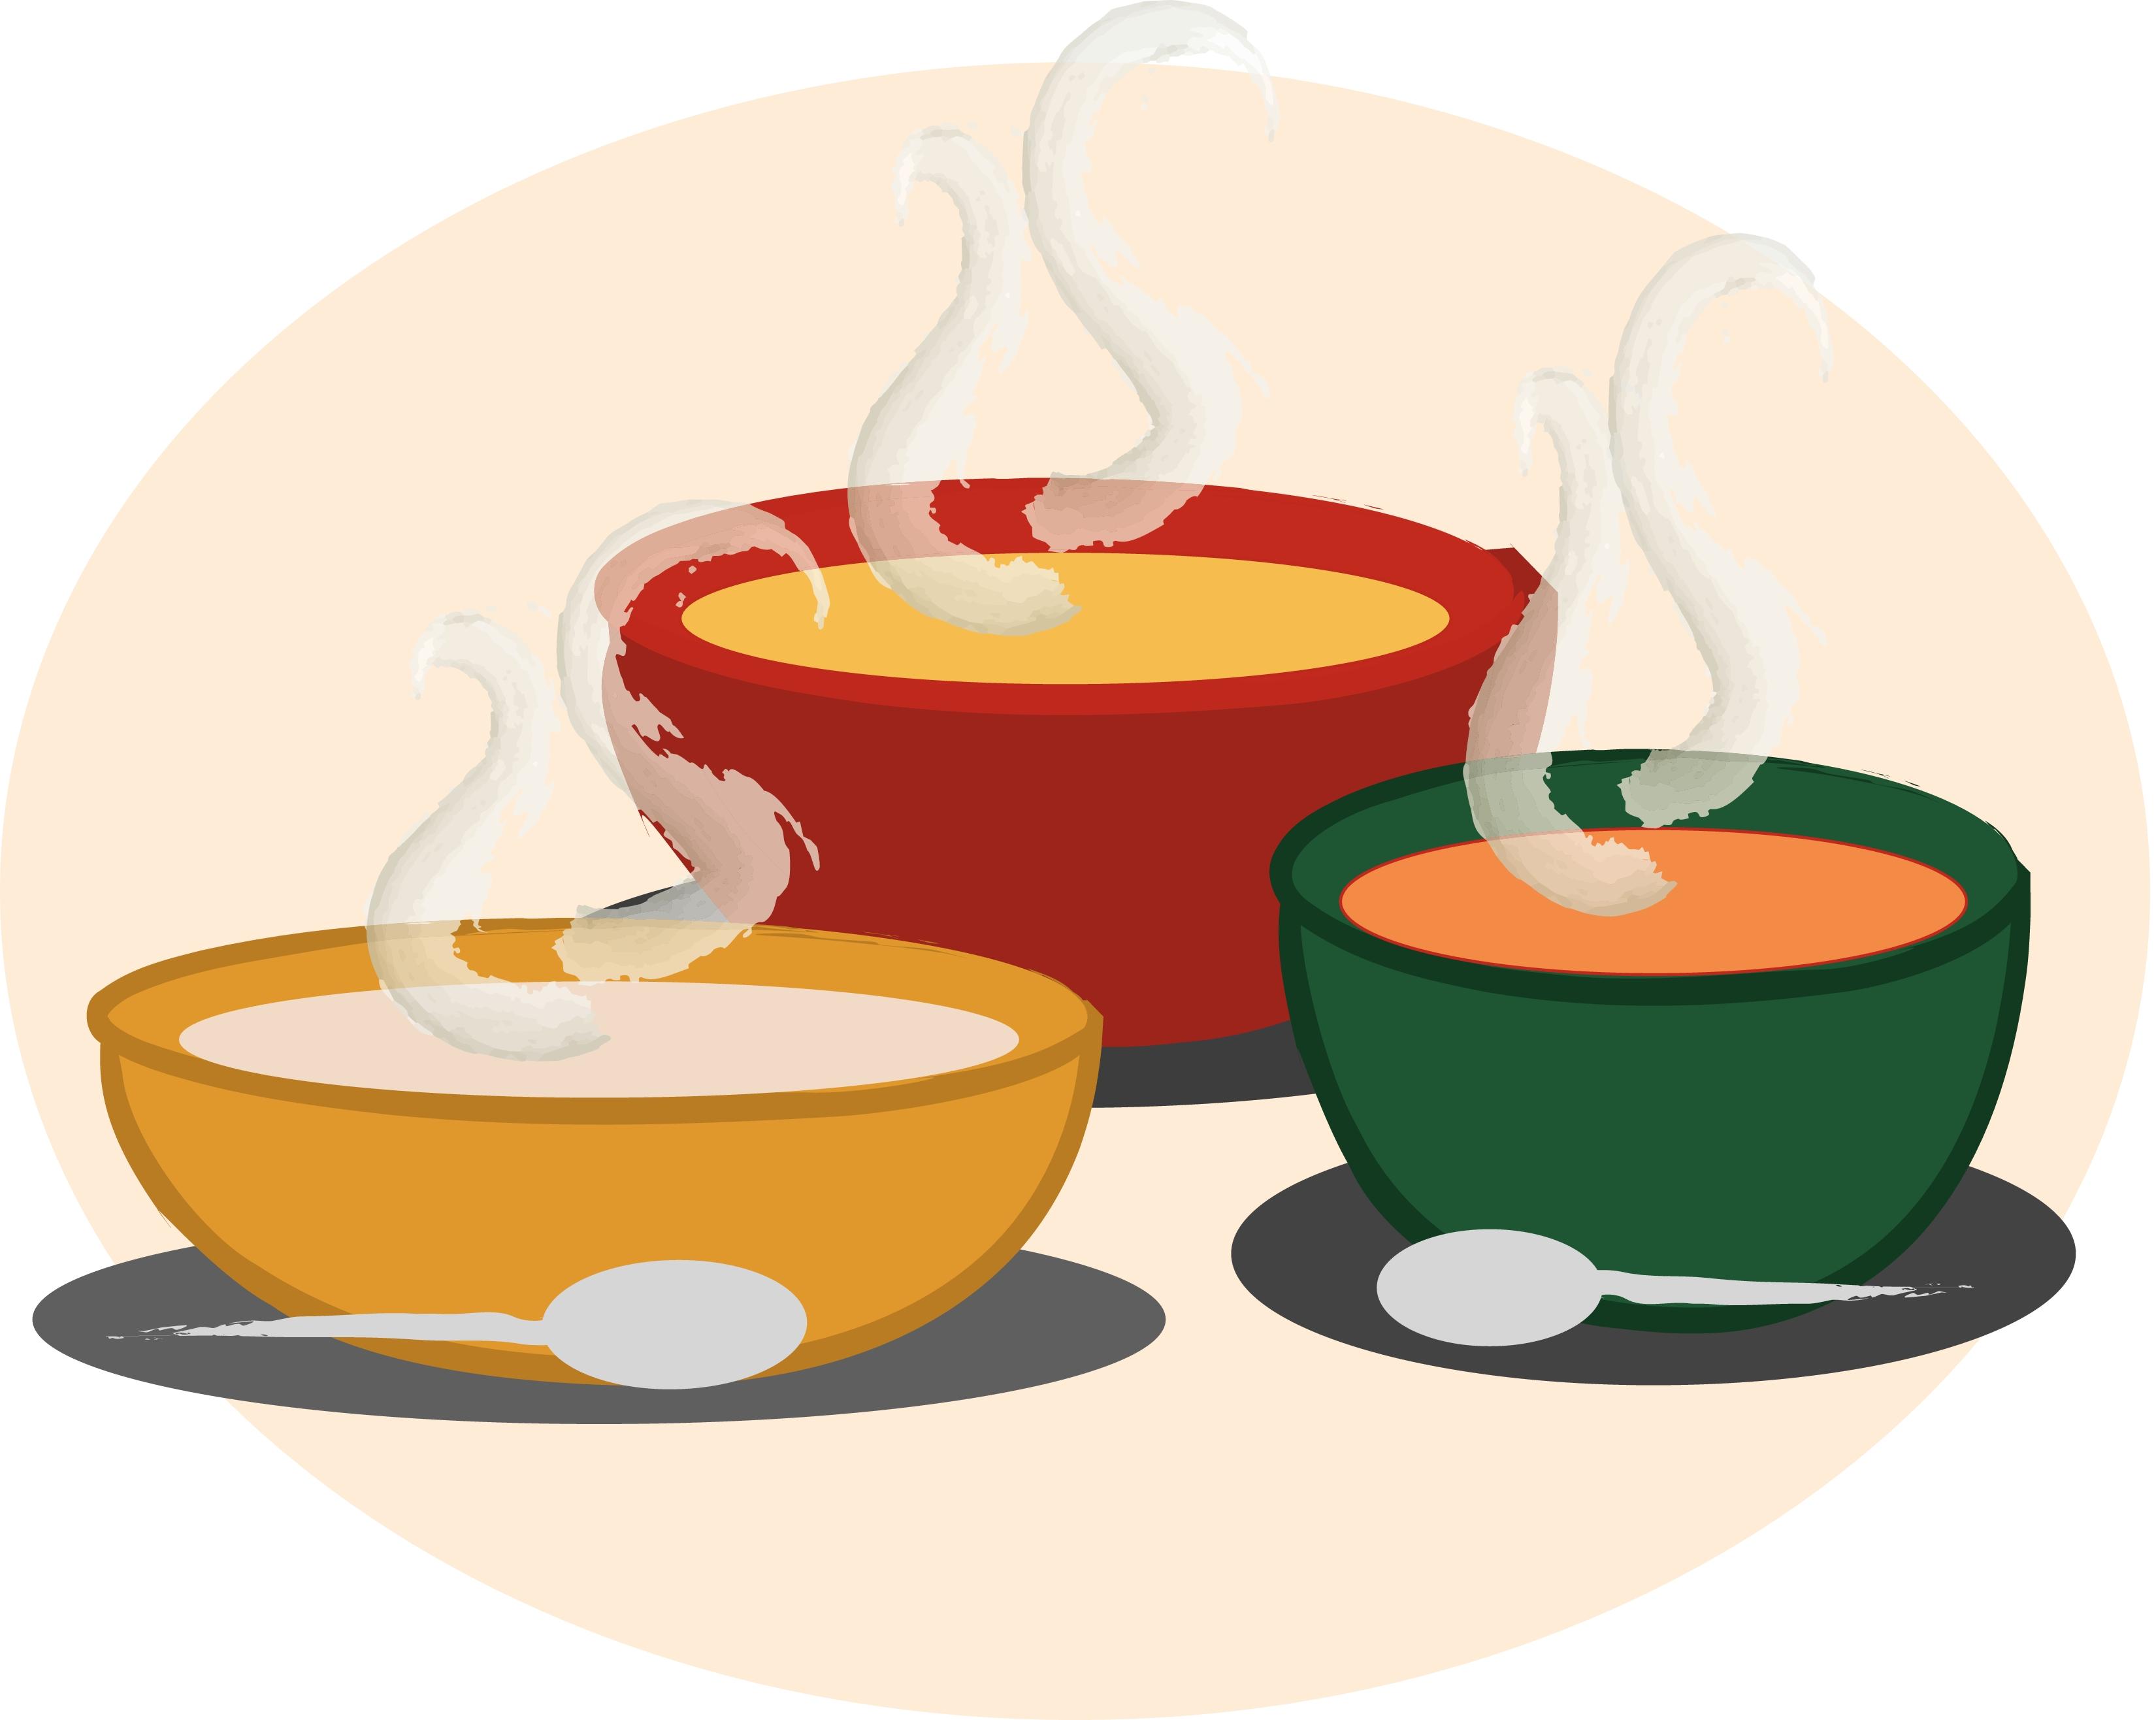 Soup clip art pictures free clipart images 2